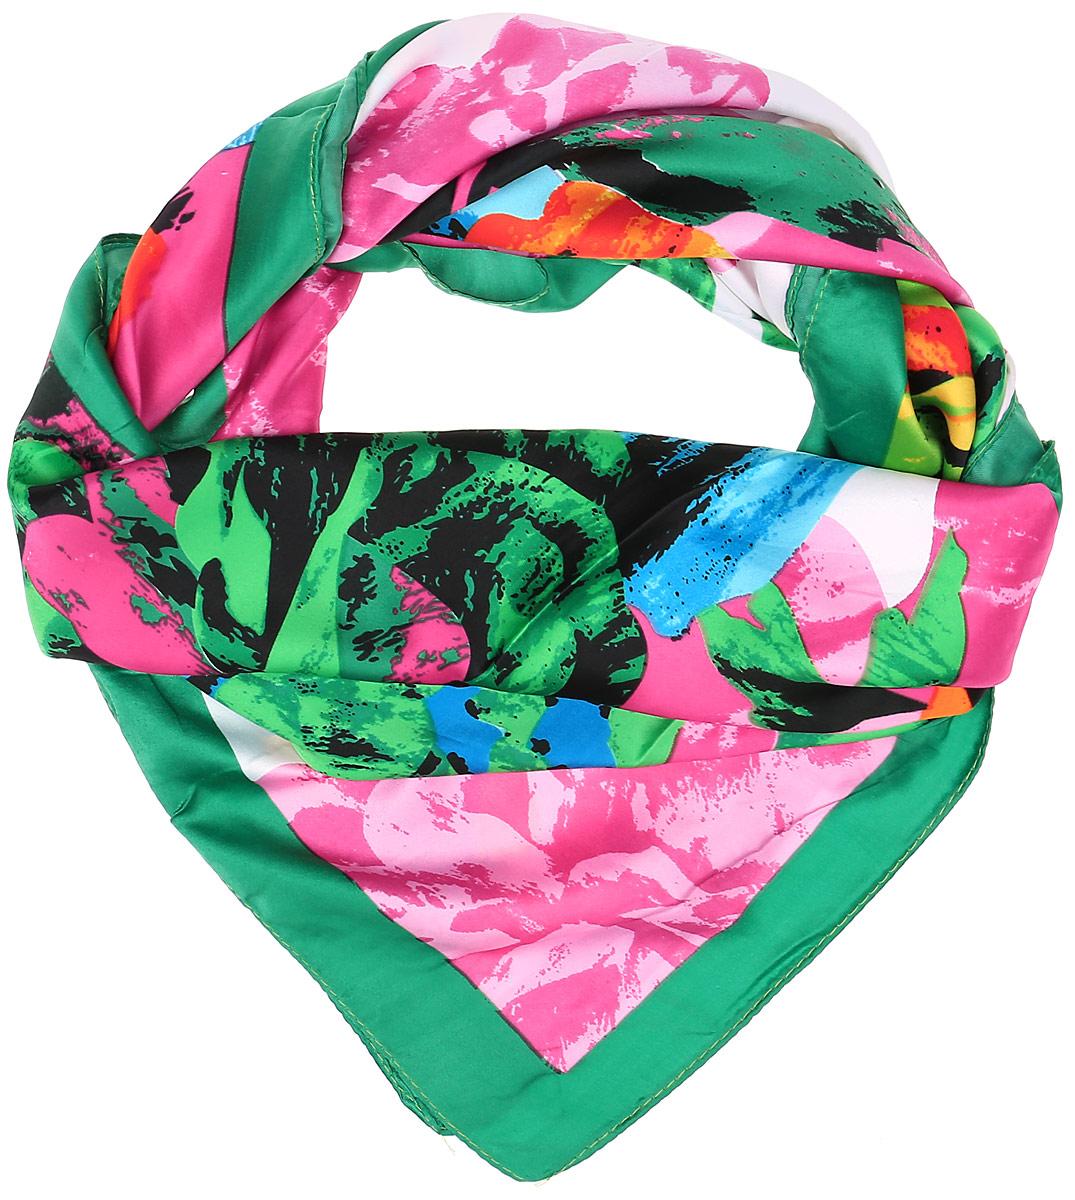 0510115244_62Очаровательный женский платок Sabellino станет великолепным завершением любого наряда. Платок изготовлен из высококачественного полиэстера и оформлен оригинальным цветочным принтом. Классическая квадратная форма позволяет носить платок на шее, украшать им прическу или декорировать сумочку.